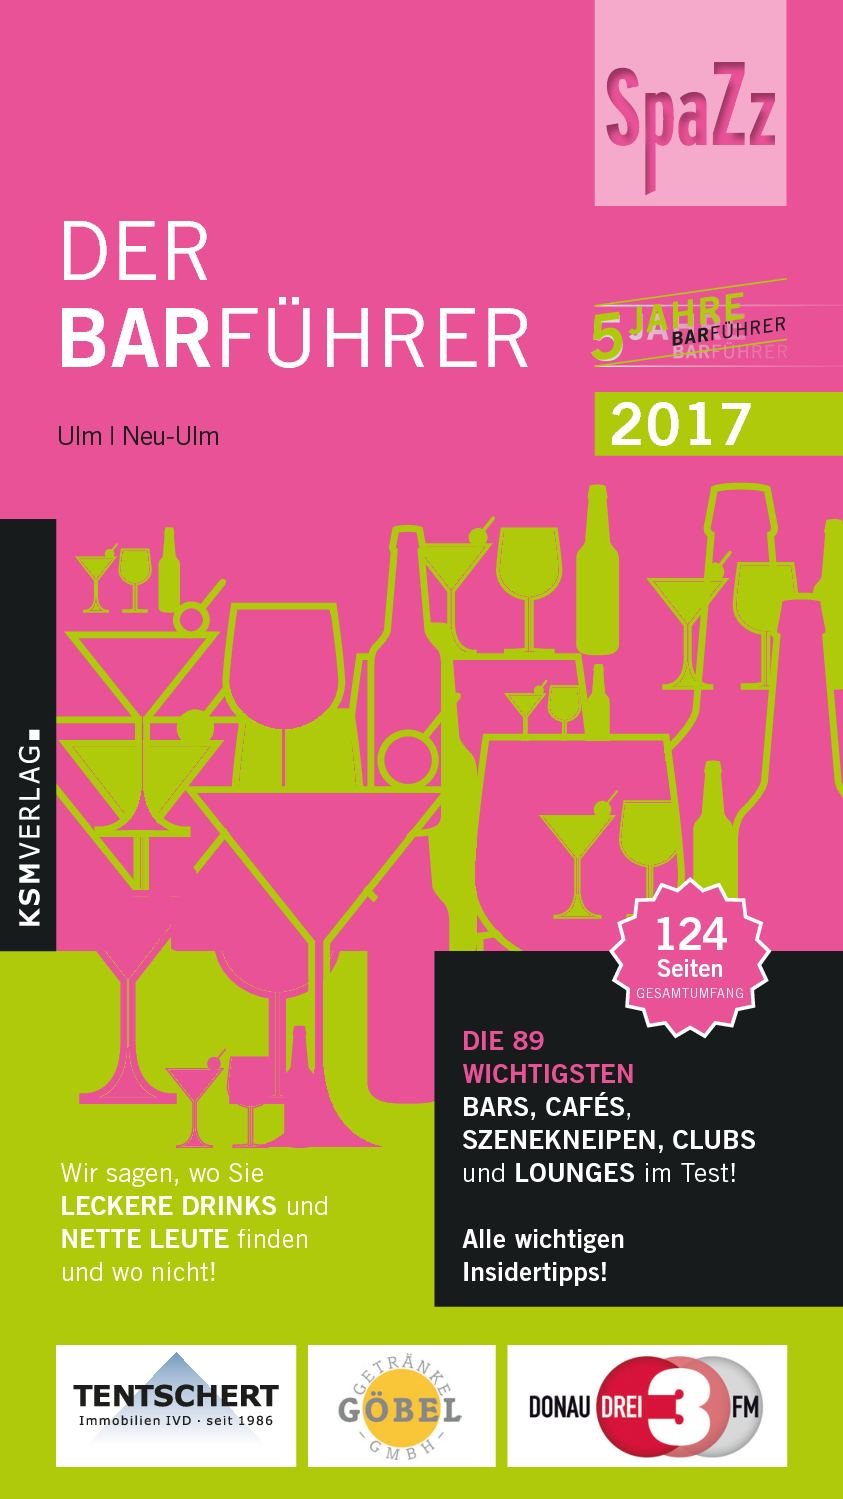 Calameo Der Barfuhrer Ulm Neu Ulm 2017